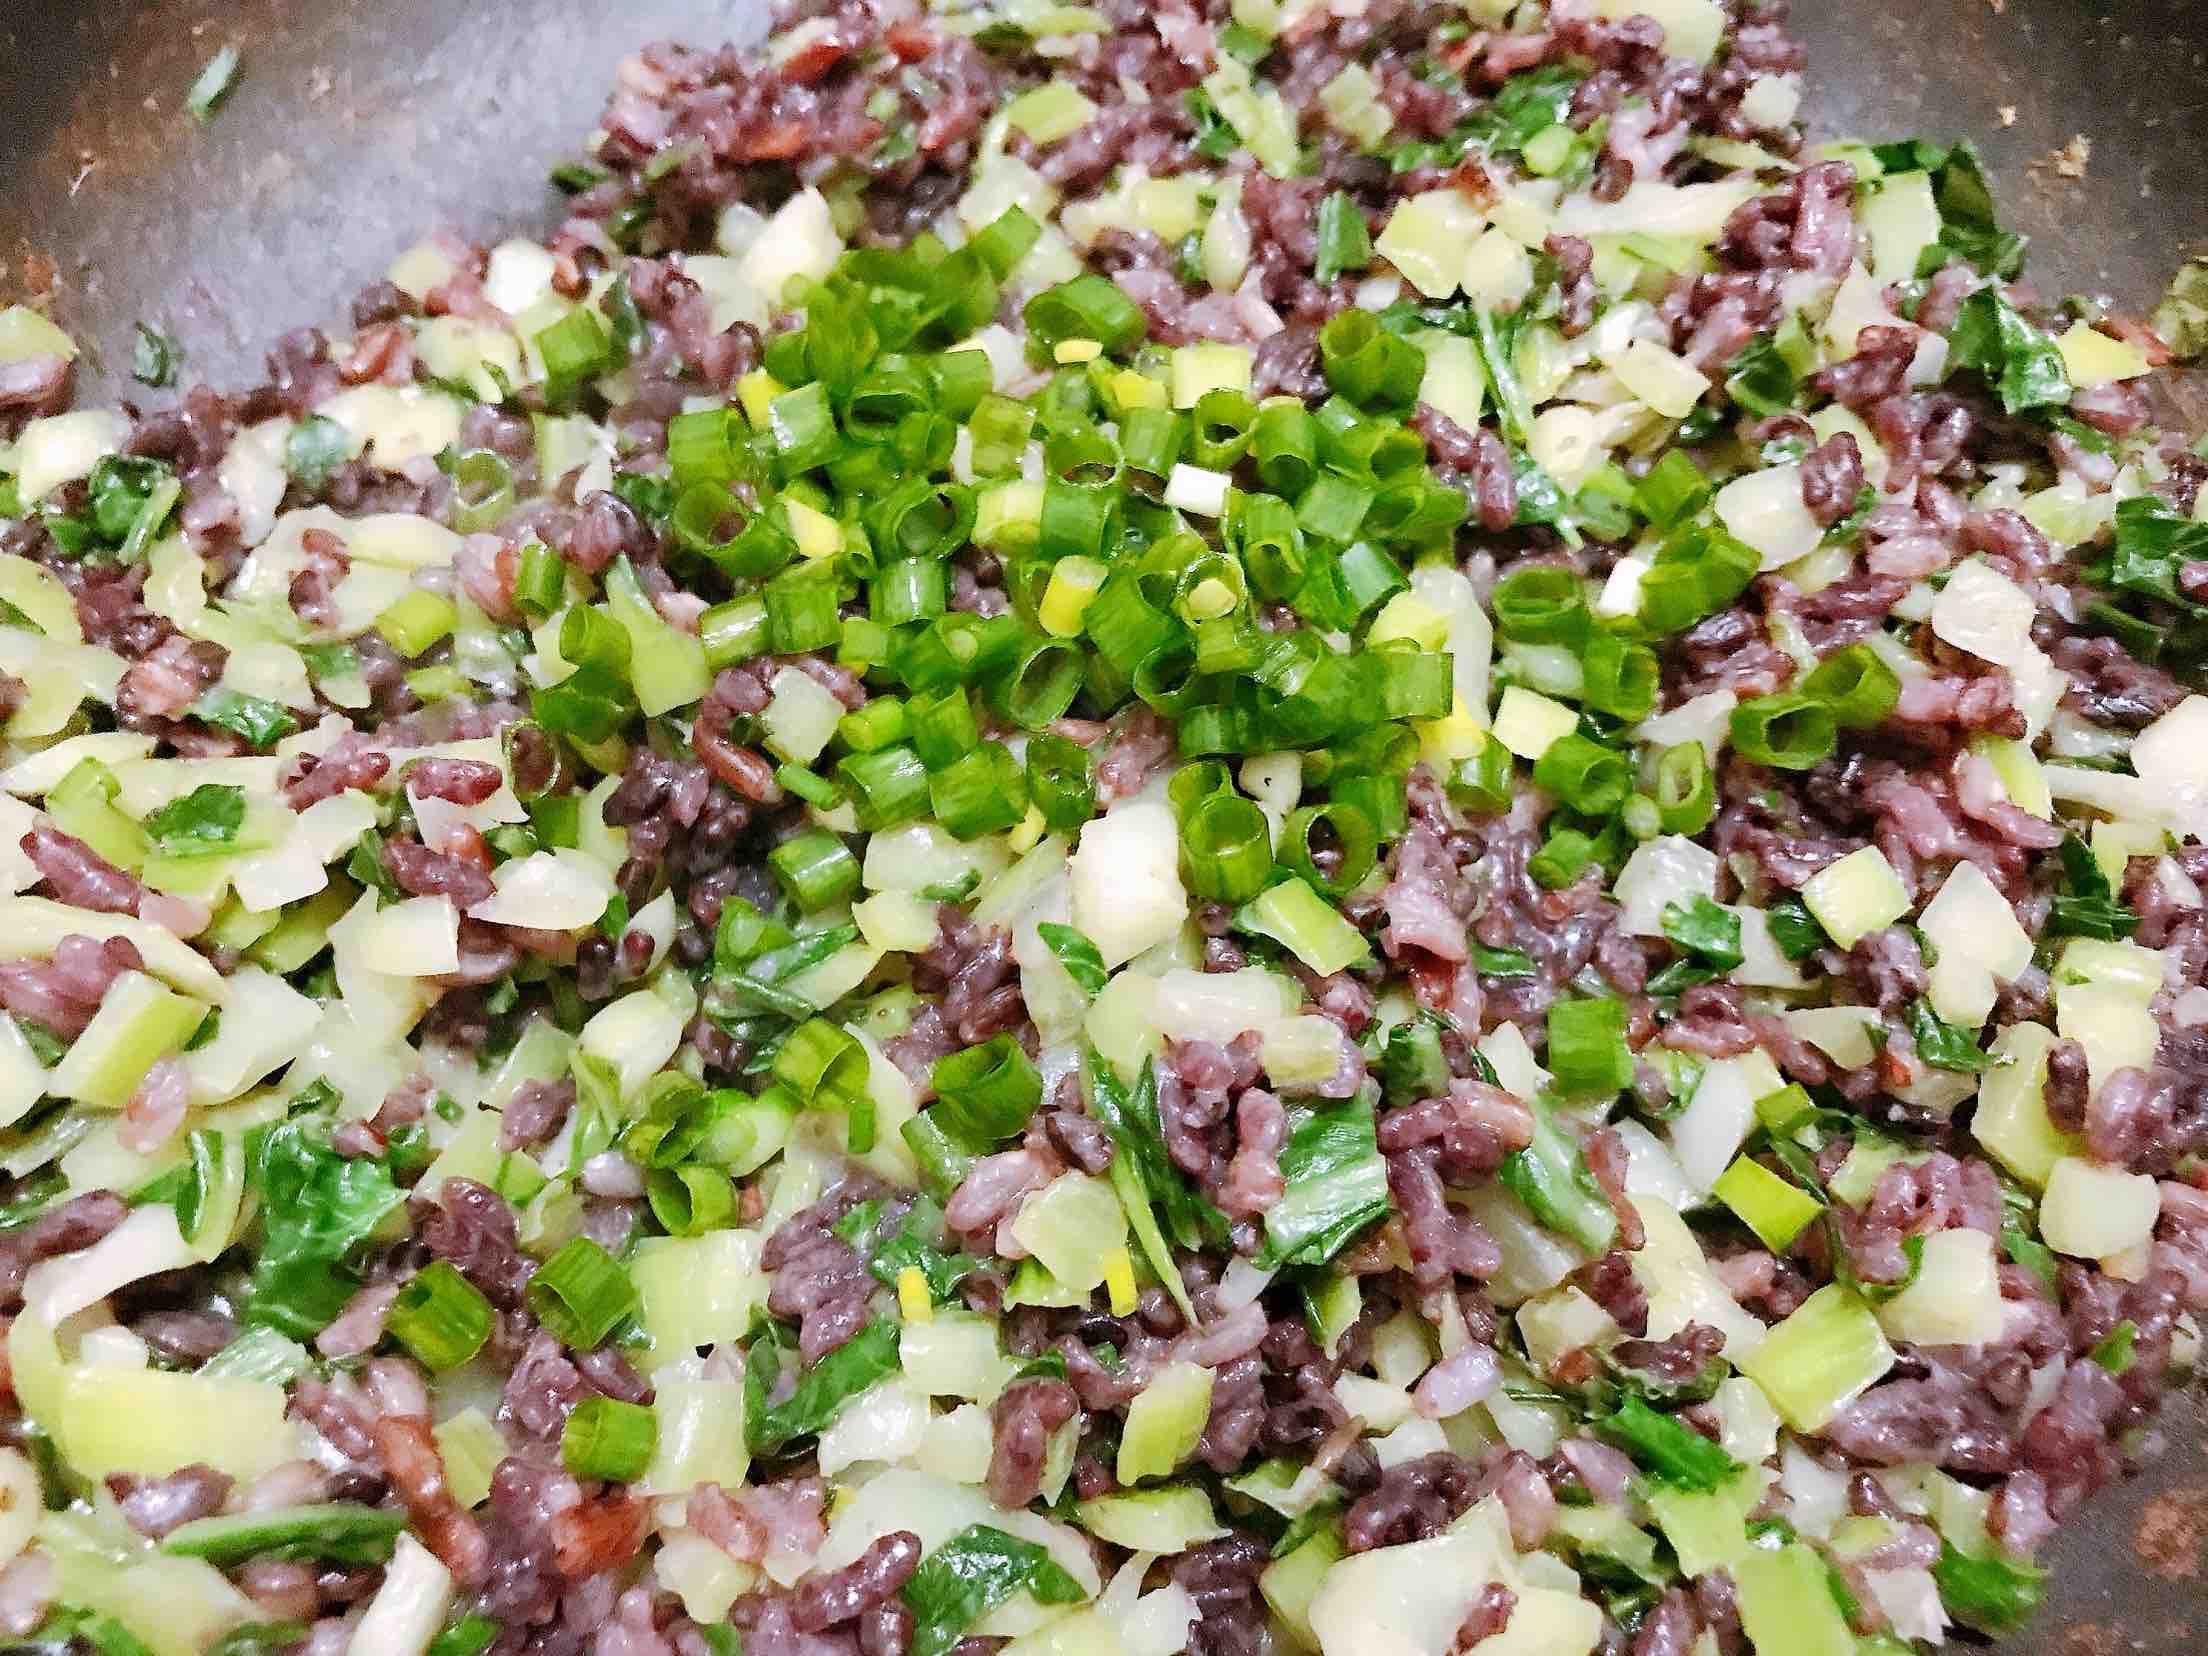 花生酱青菜糙米炒饭怎么炒